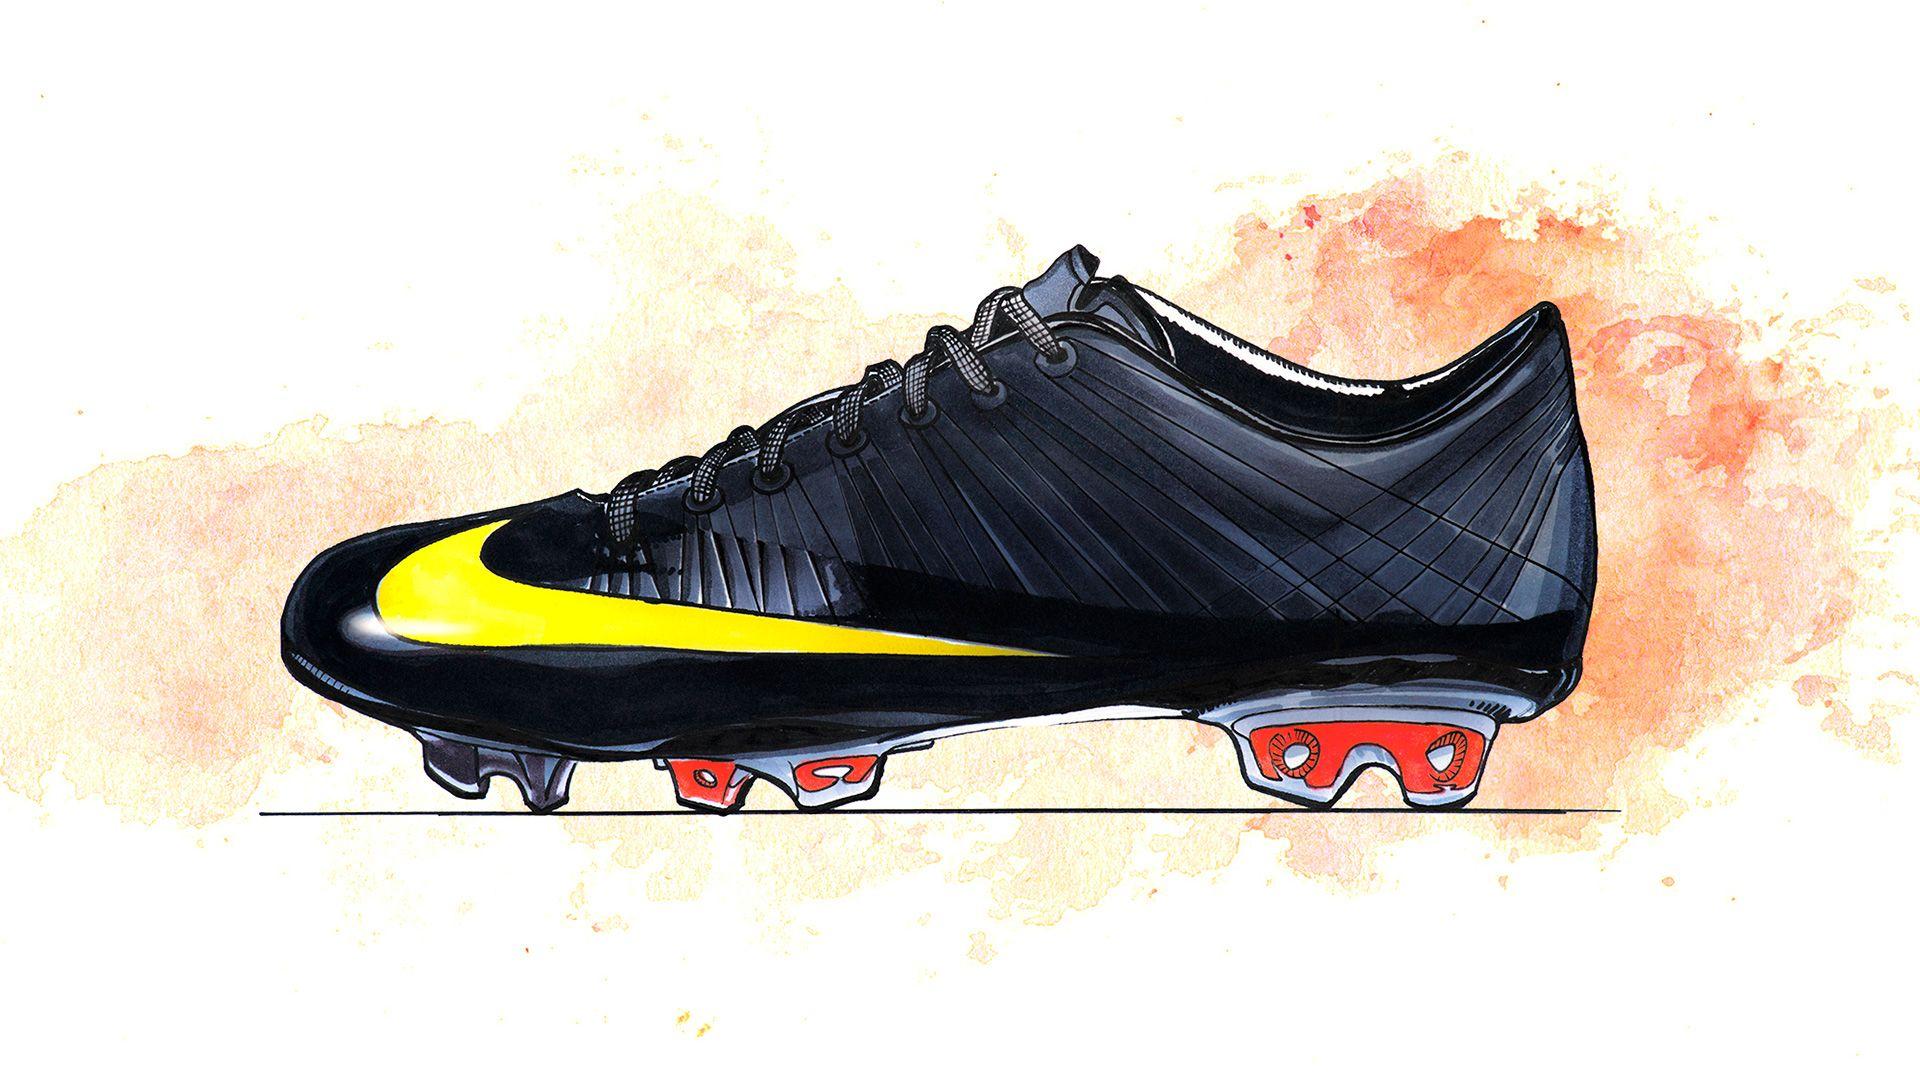 Nike Mercurial 2009